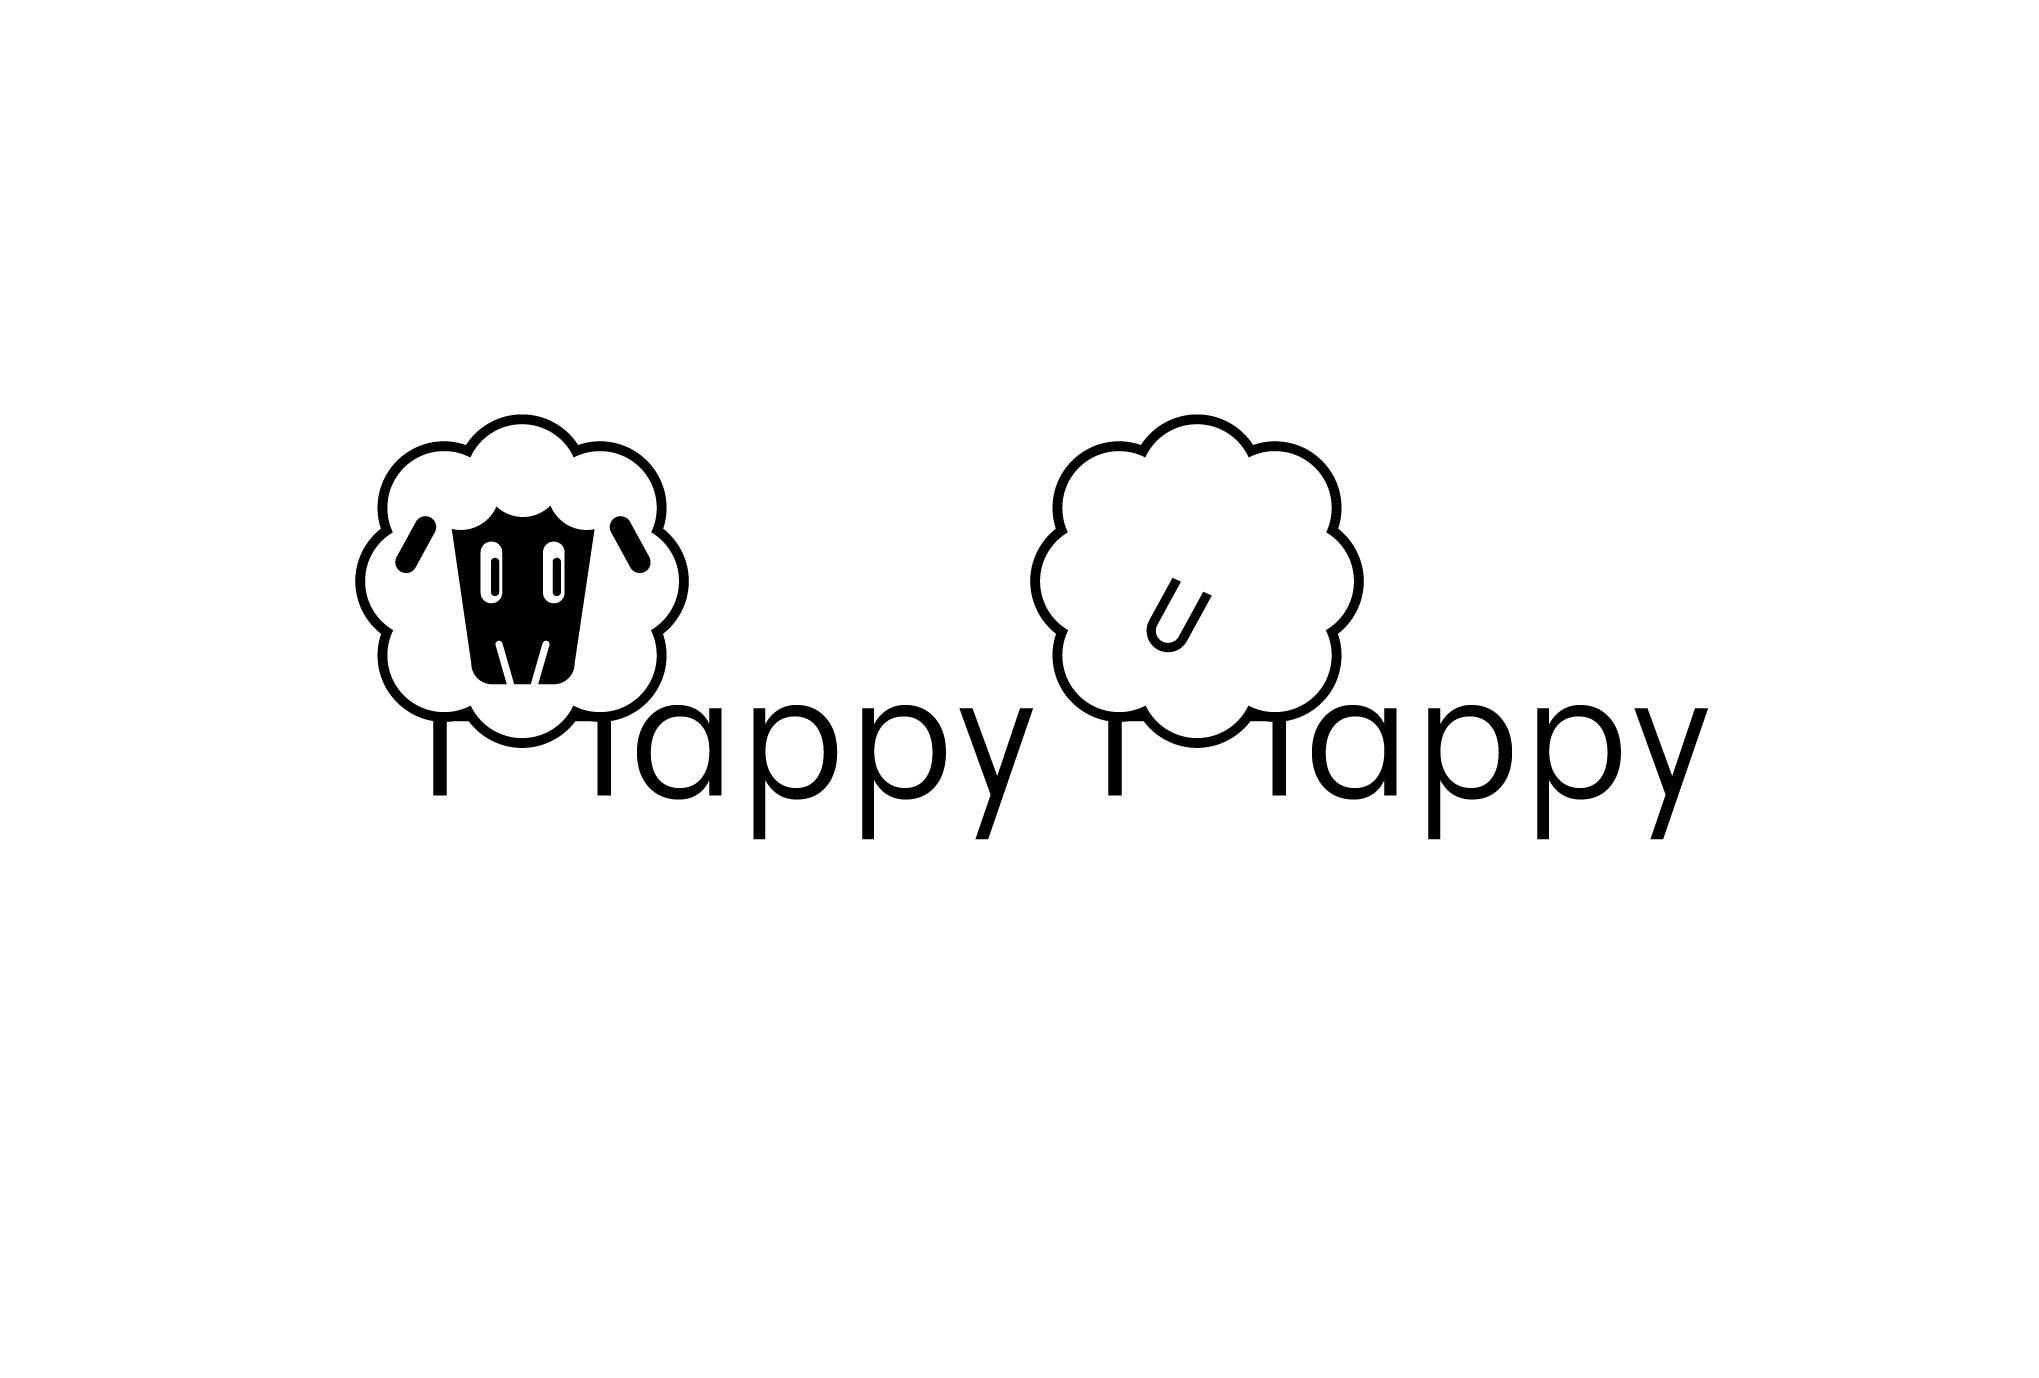 2015年賀状15-3:HAPPY HAPPY / TWO SHEEPのダウンロード画像